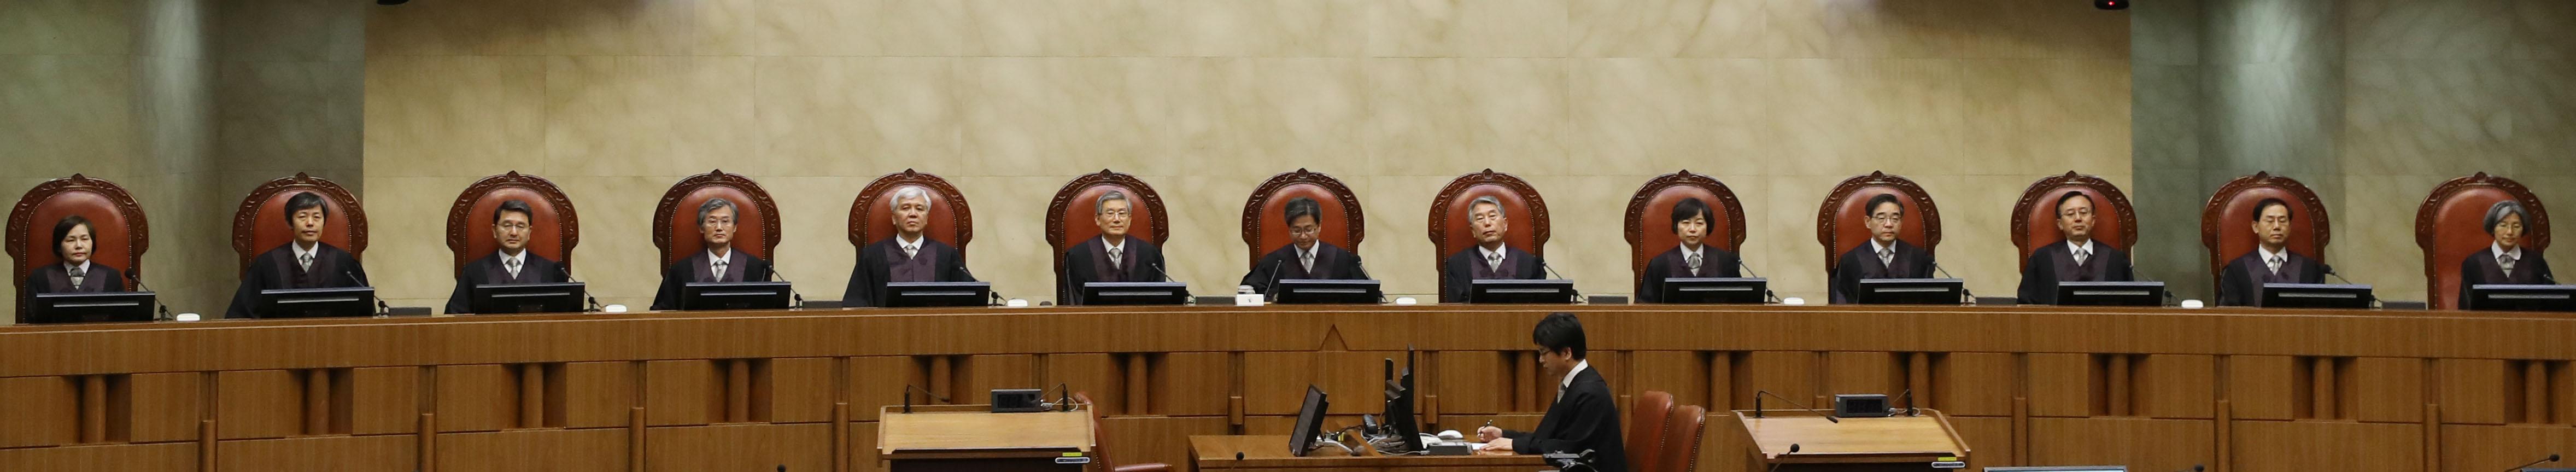 """대법원 """"국정원, 2012년 대선 때 조직적·계획적 불법 활동"""" 결론"""